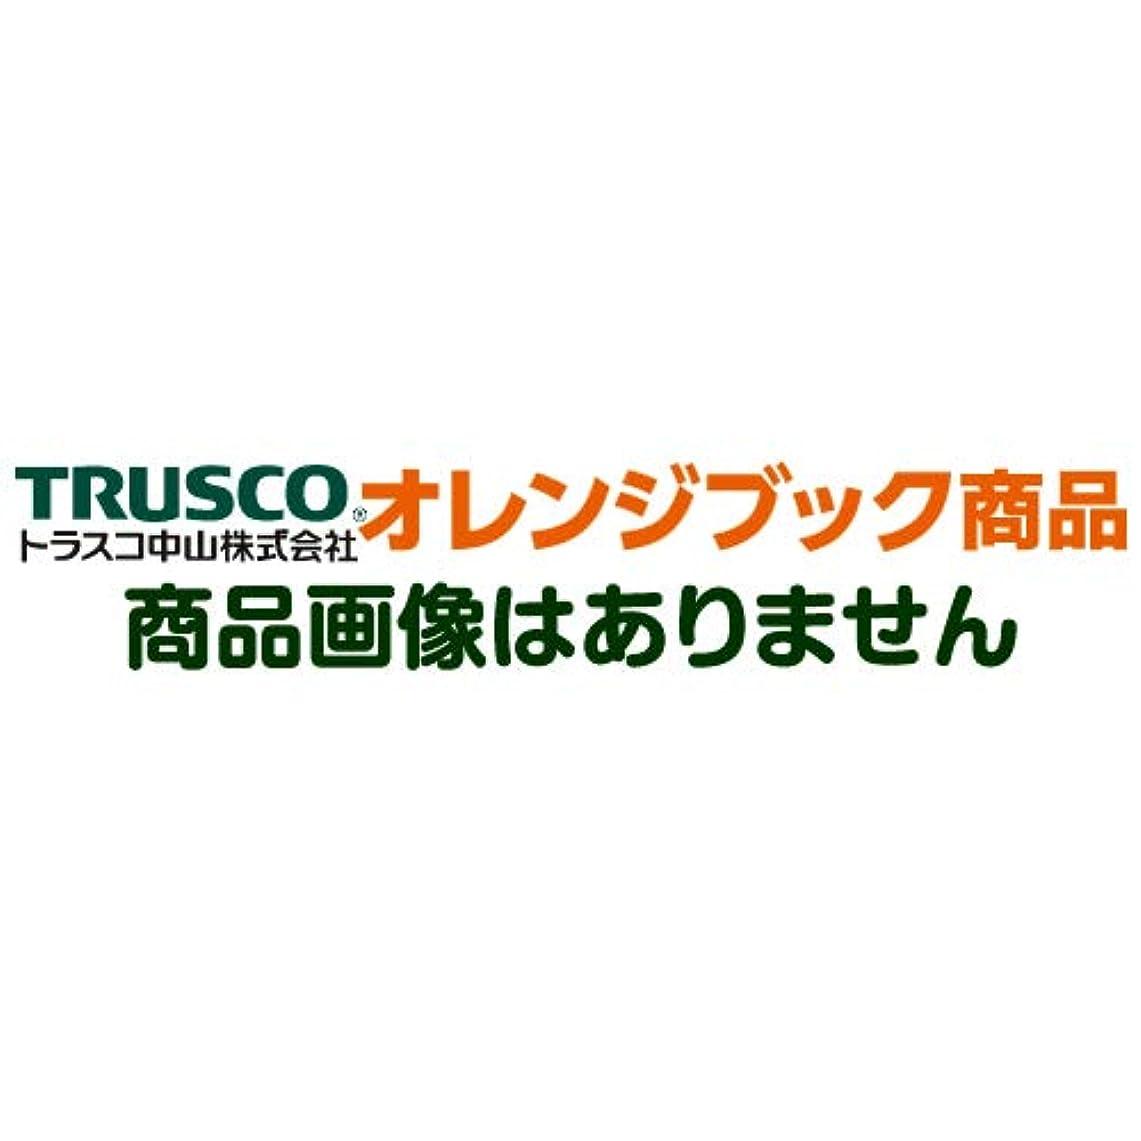 親密な幻想的未満TRUSCO 三菱K 三菱 バイオレット高精度ドリル 汎用 ショート 1.25mm VAPDSD0125